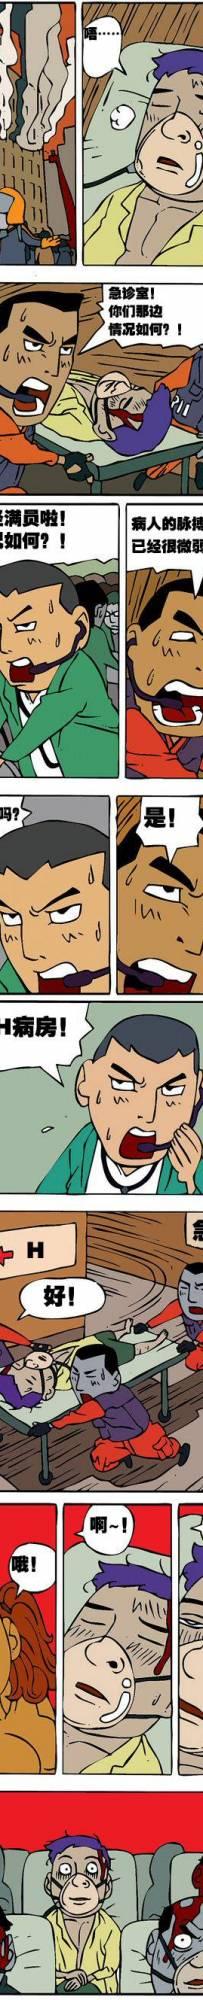 韓國搞笑漫畫 - part 5